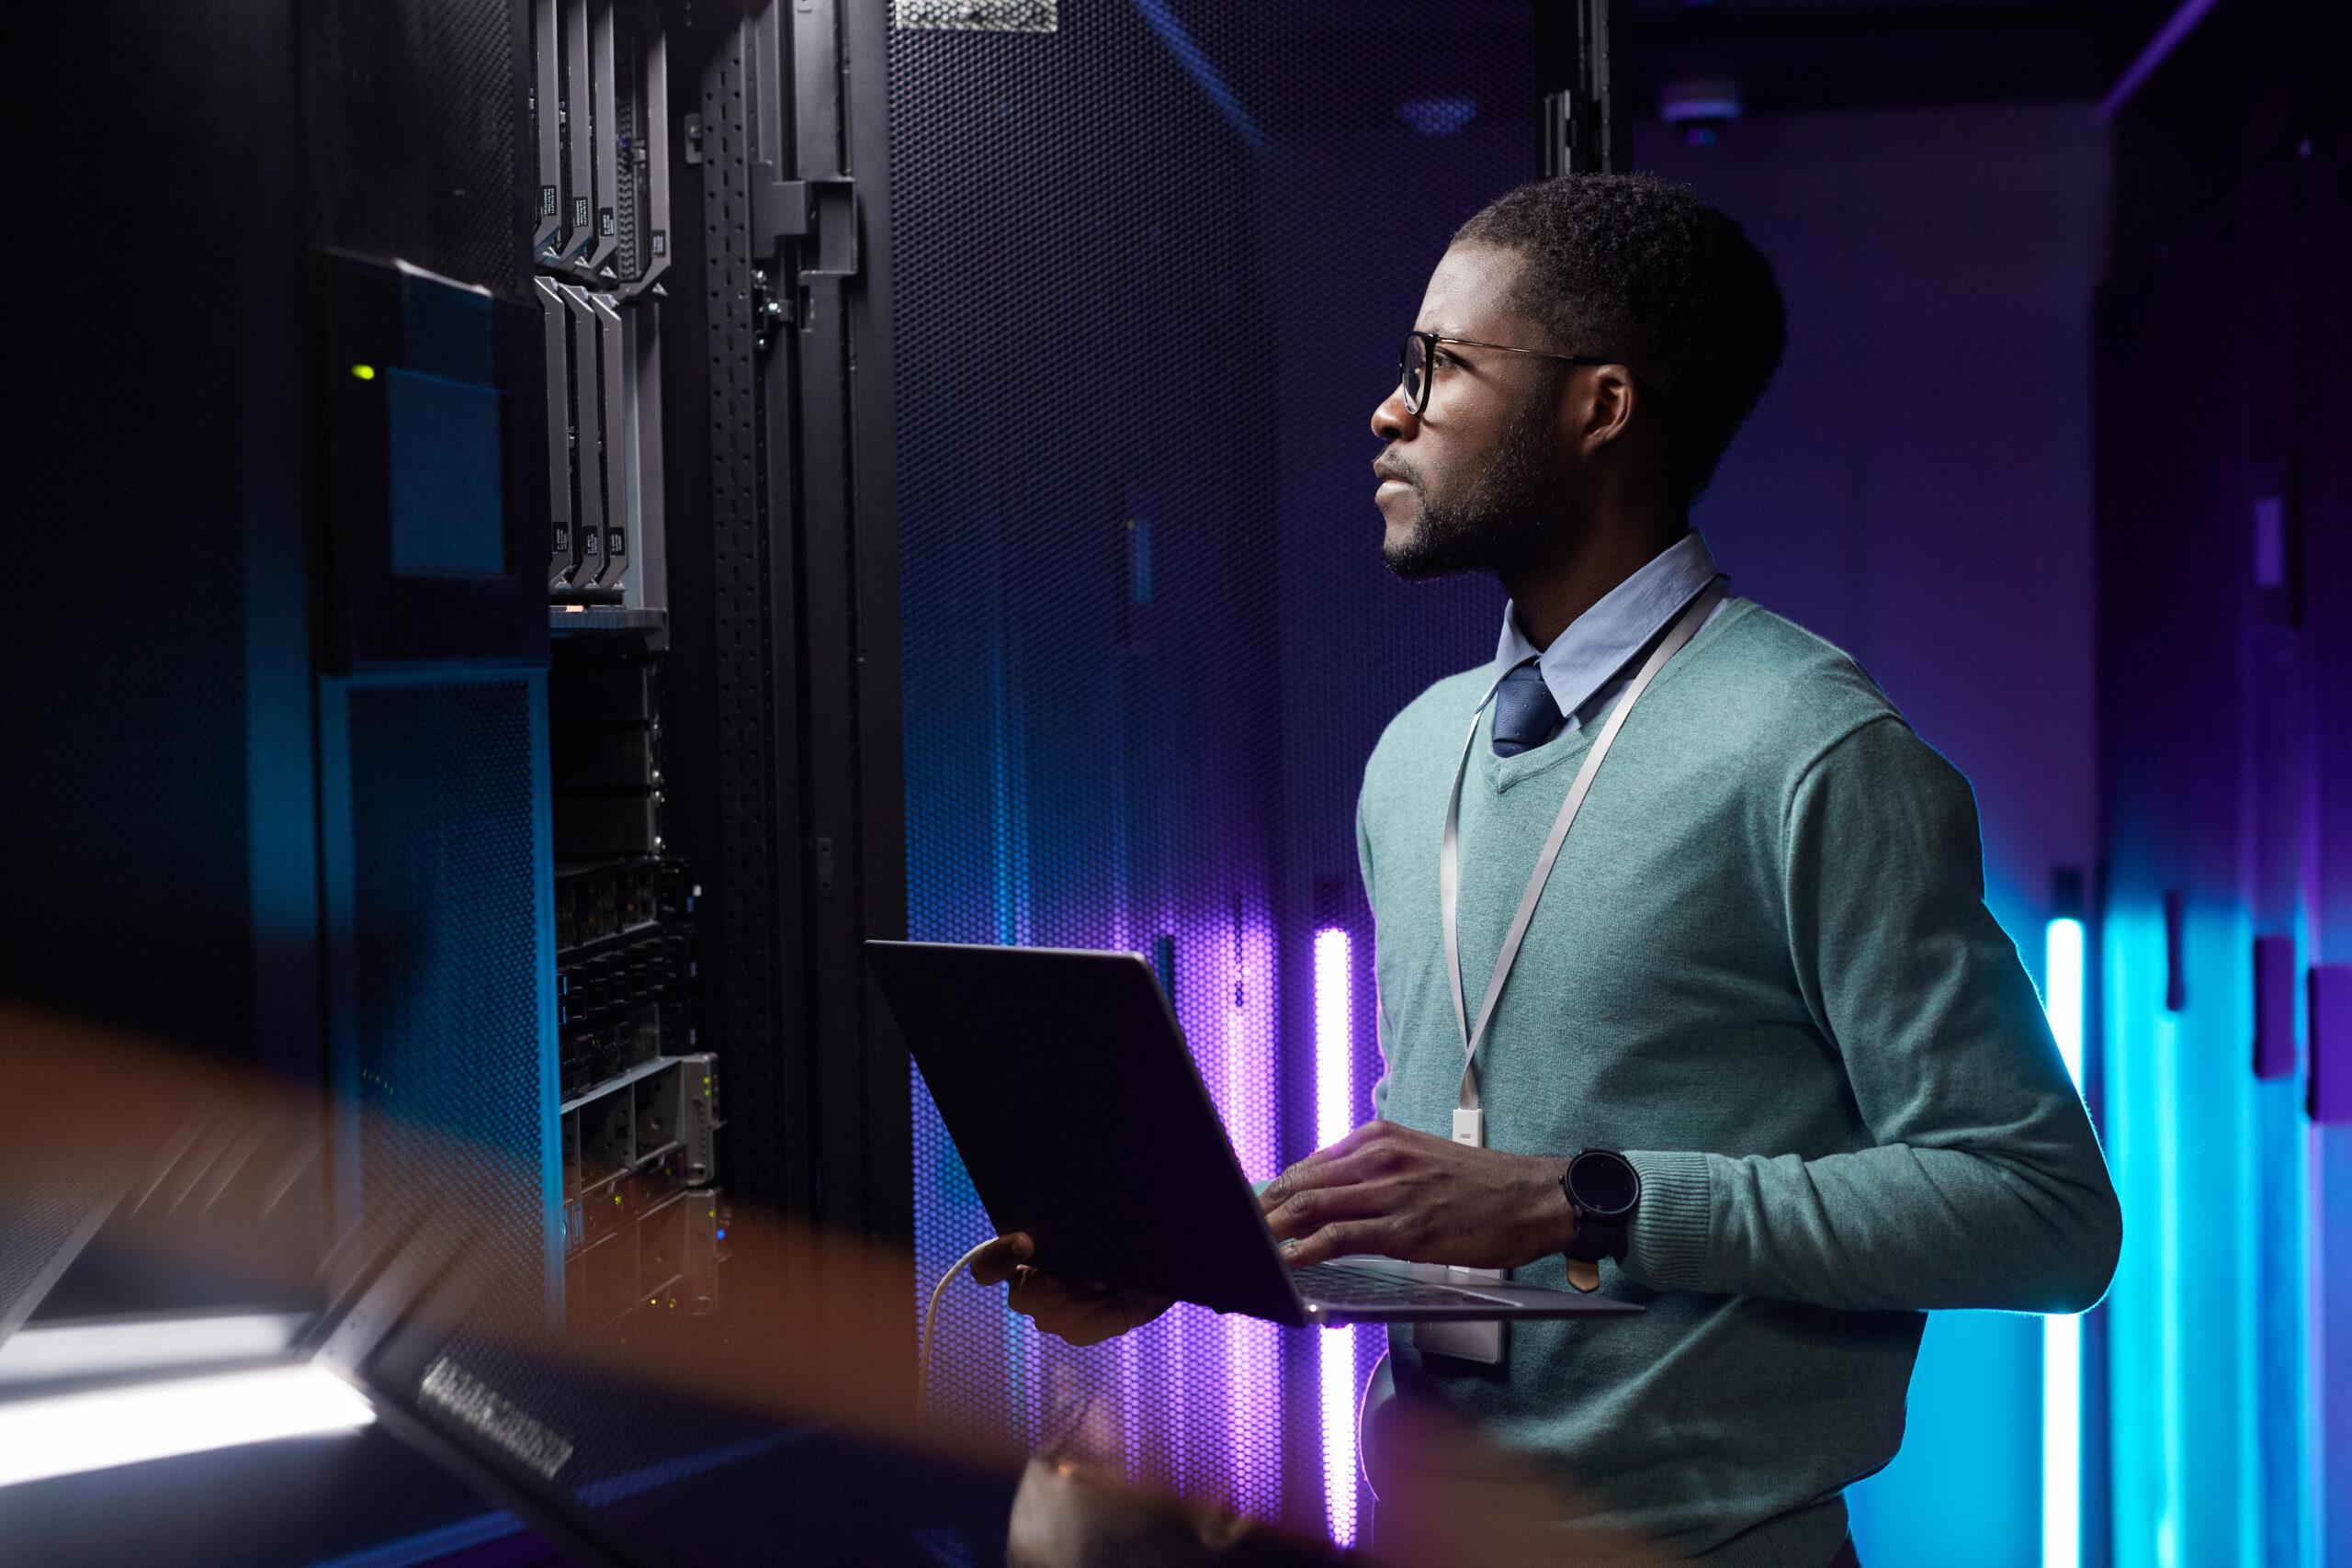 IT Engineer in Server Room